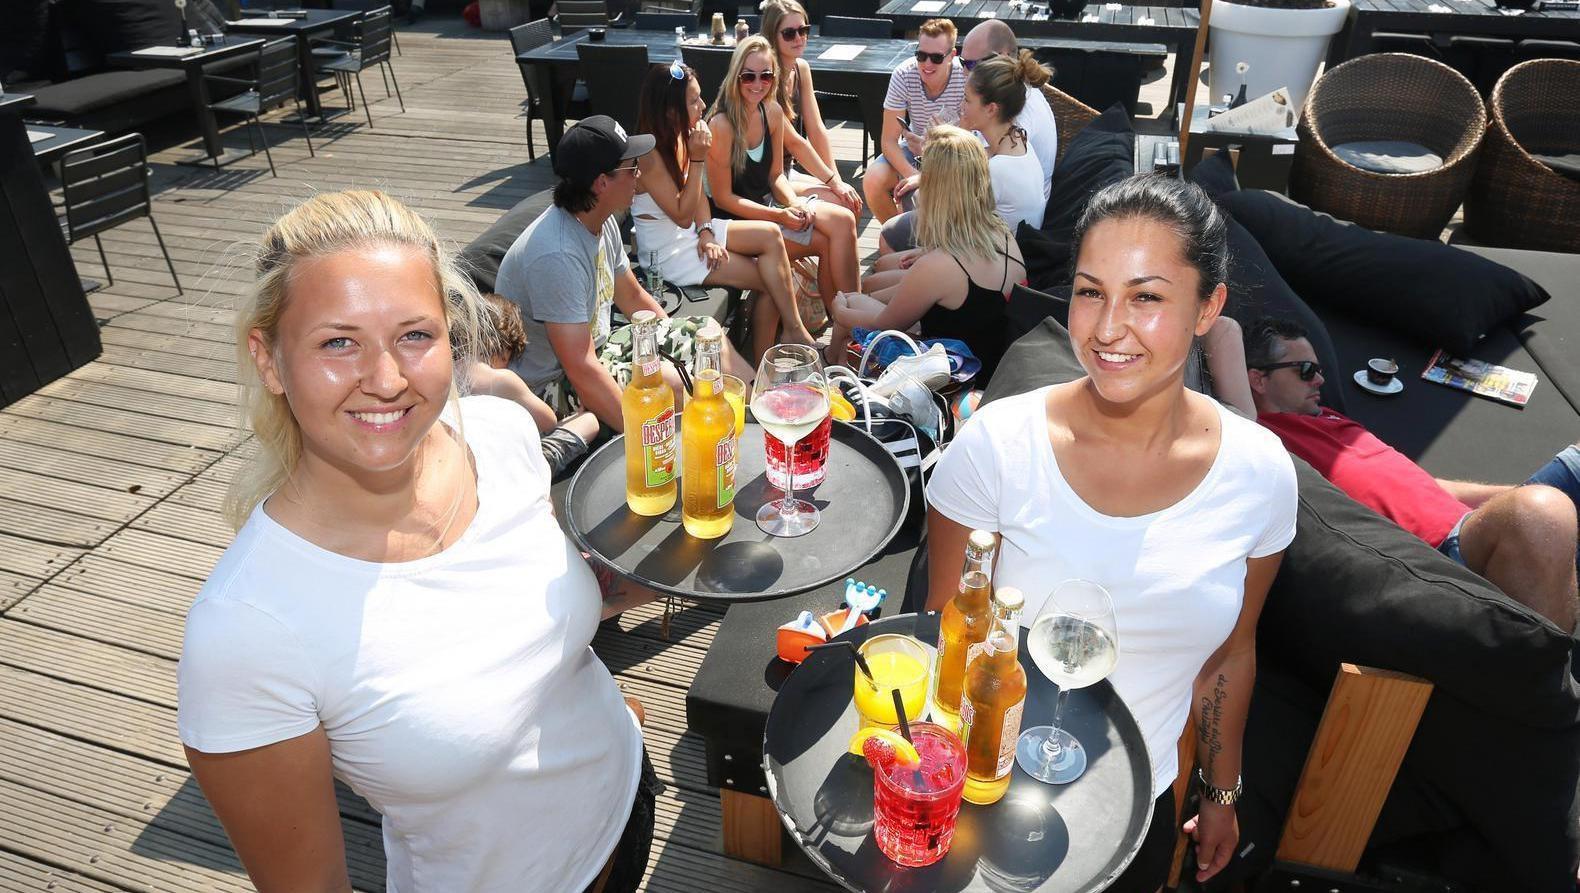 De blonde Jamie en donkere Joelle zijn al jaren de vaste pijlers op het terras van strandpaviljoen Wij in Scheveningen.